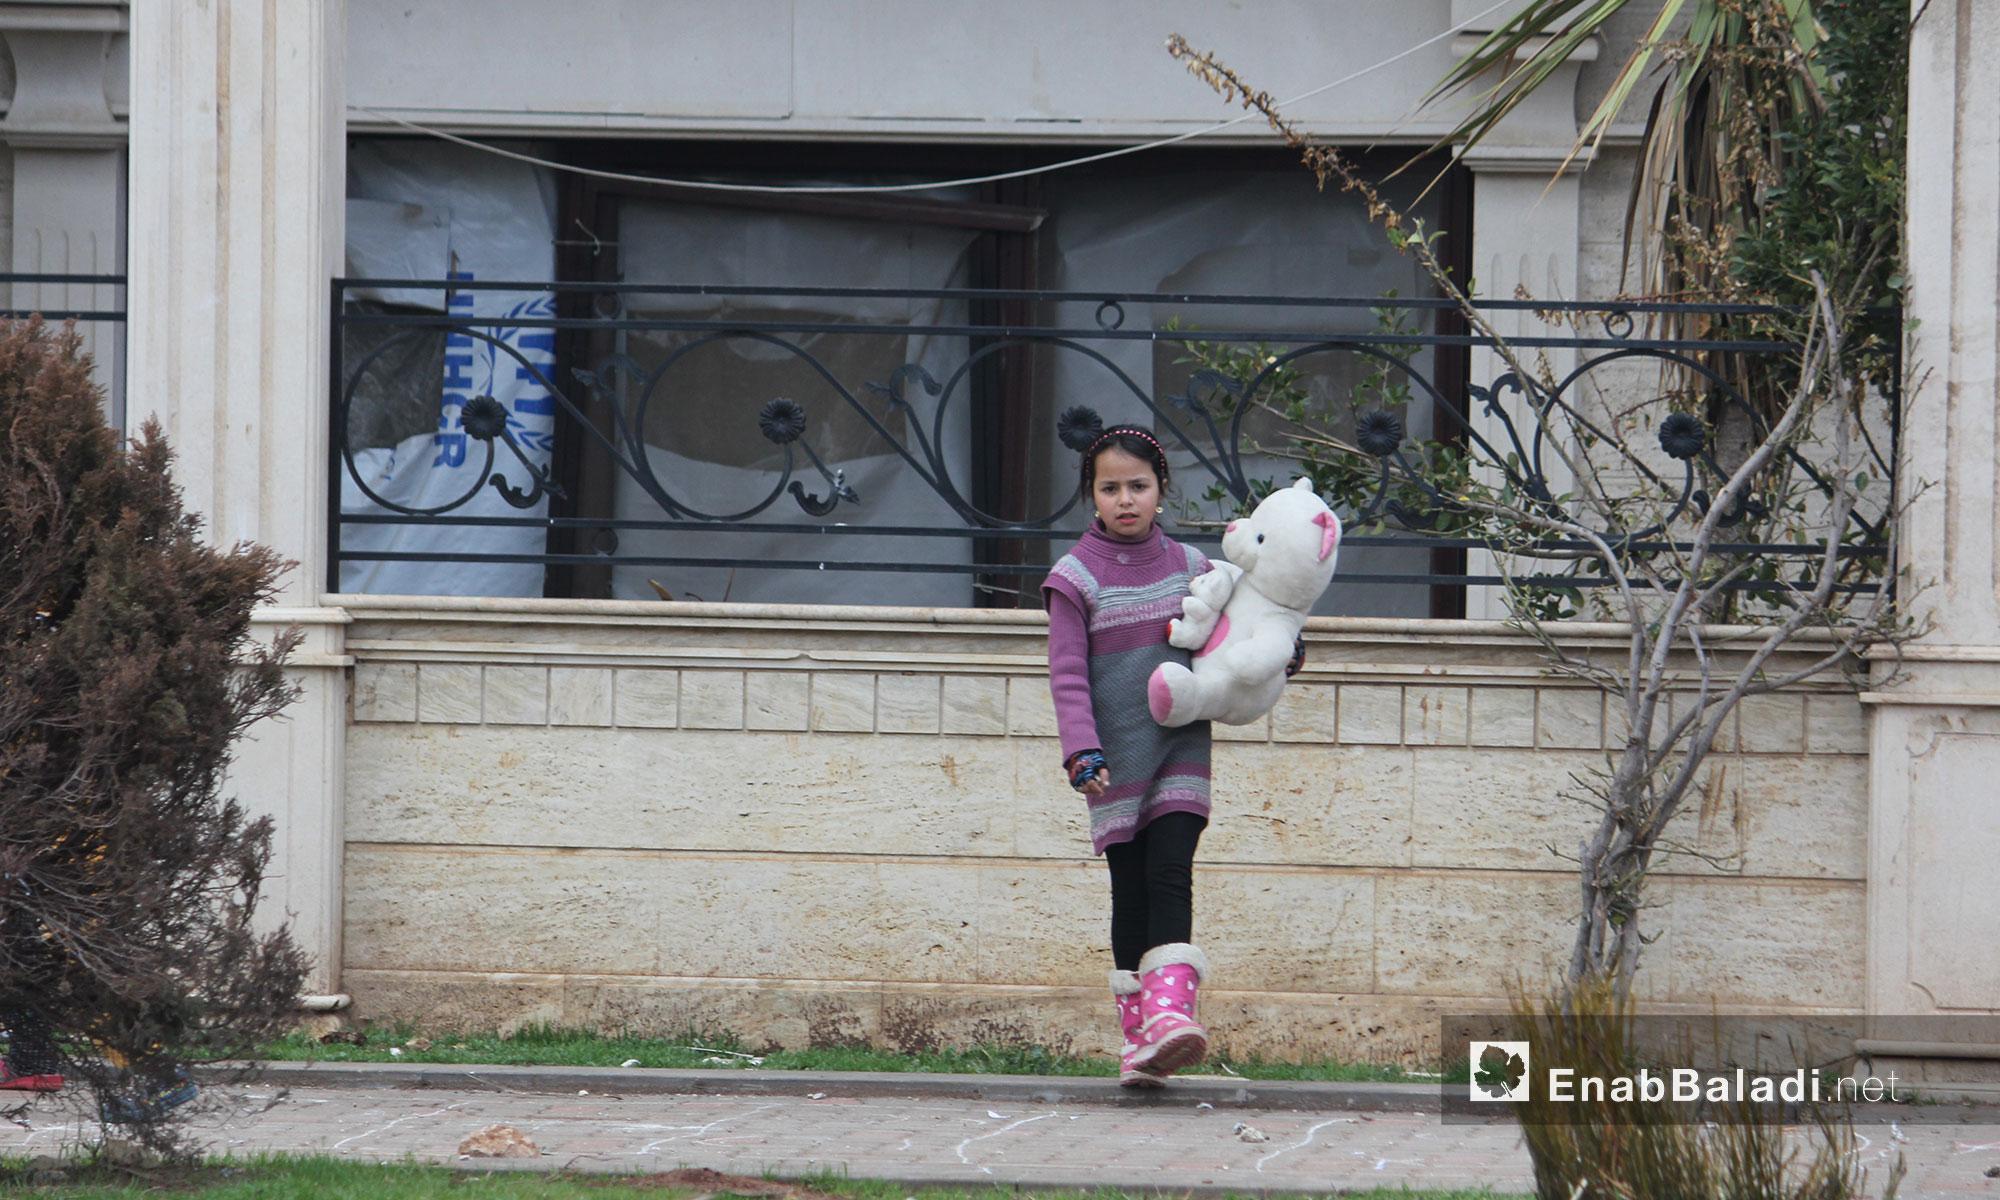 طفلة مع لعبتها خرجت تلعب قي حي الوعر بمدينة حمص - 21 كانون الثاني 2017 (عنب بلدي)